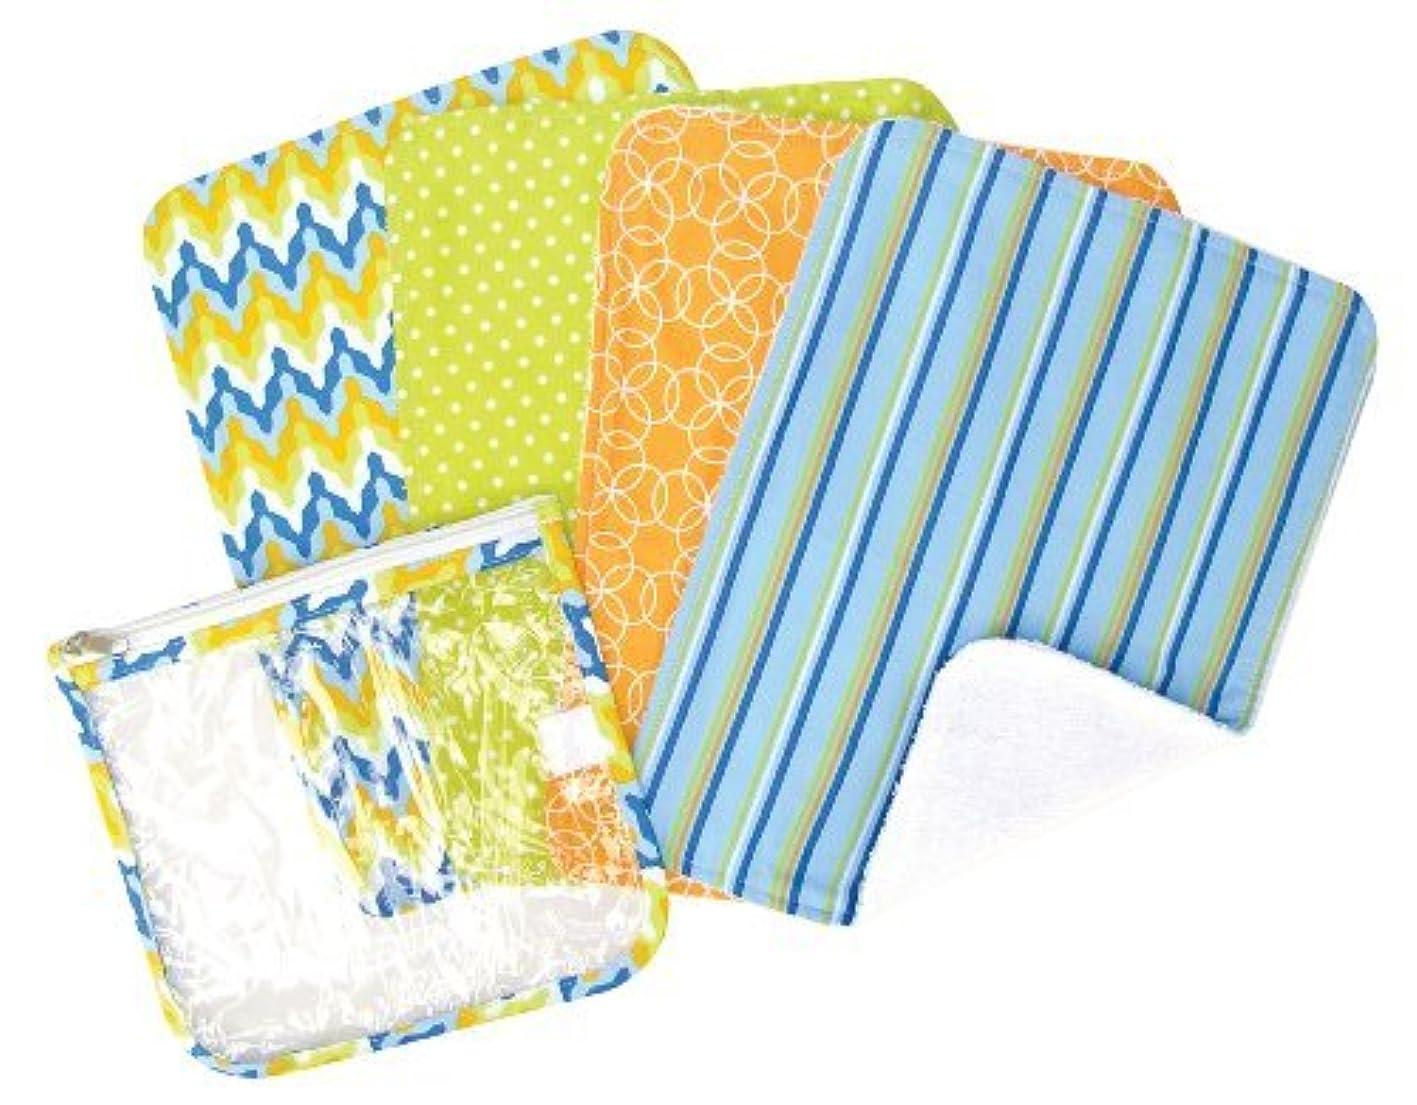 スキームクラウド海港Trend Lab Zipper Pouch and 4 Burp Cloth Gift Set, Levi Blue by Trend Lab [並行輸入品]